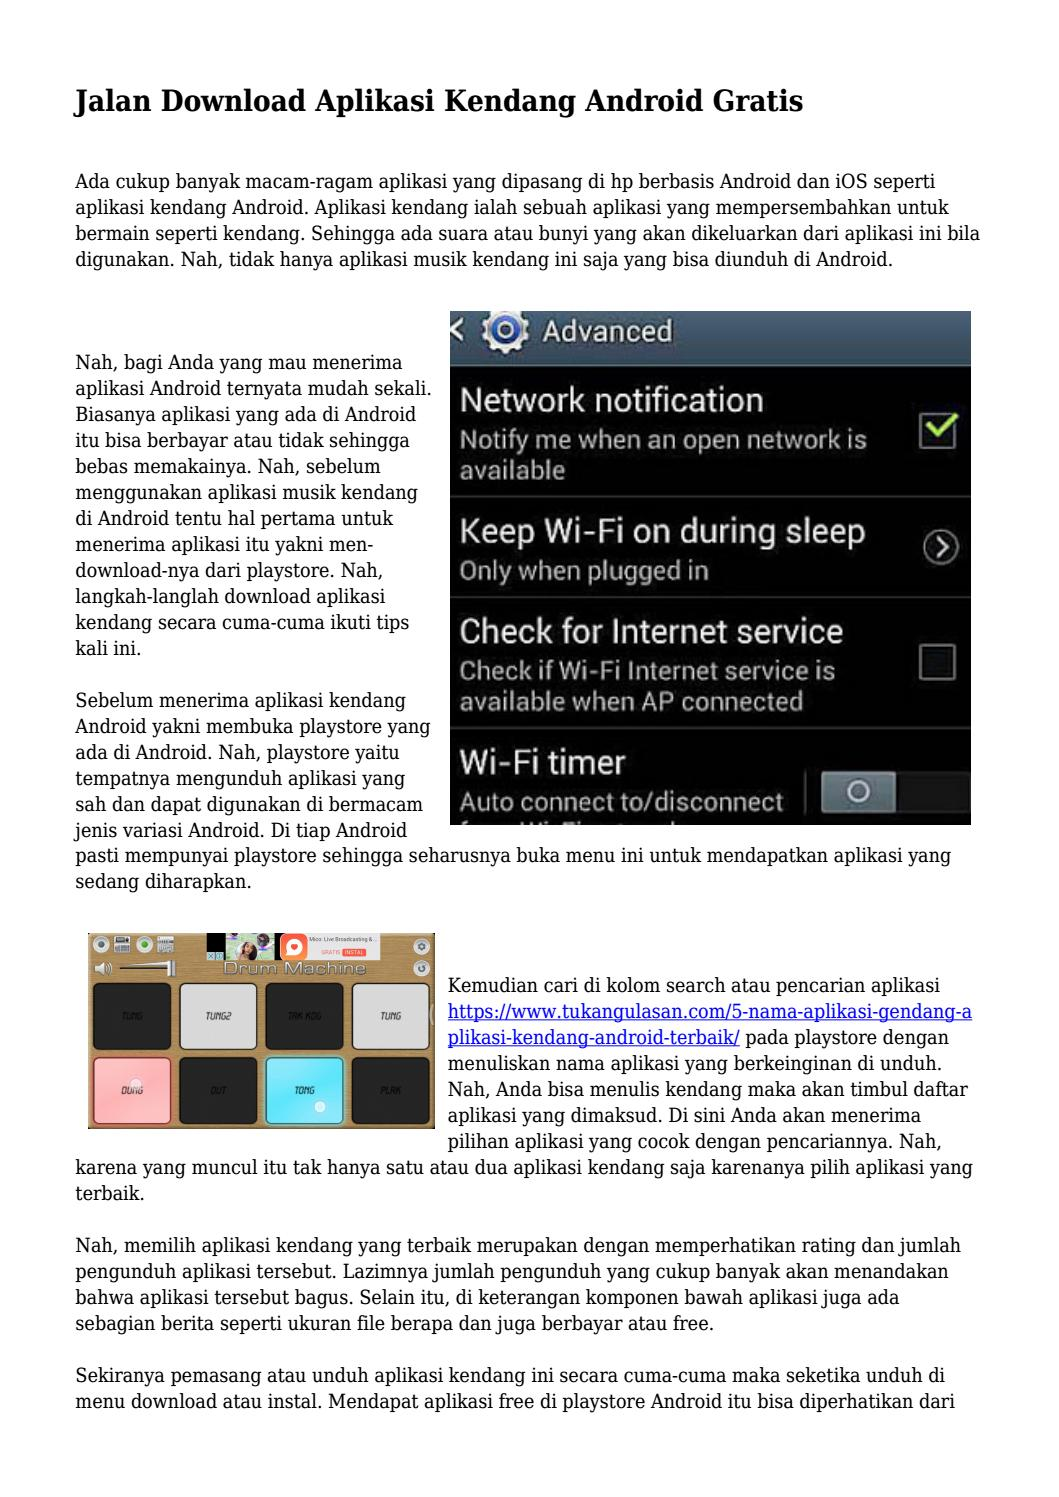 Download Aplikasi Kendang : download, aplikasi, kendang, Jalan, Download, Aplikasi, Kendang, Android, Gratis, Topteknobaru, Issuu